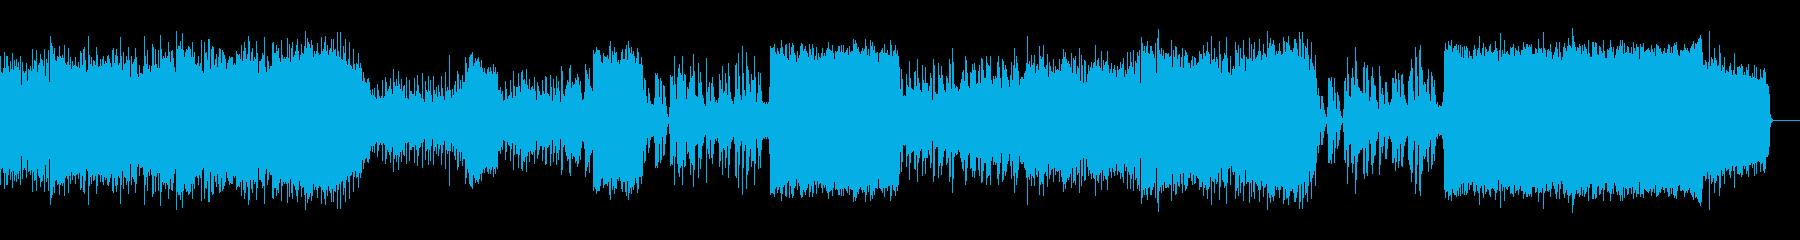 結婚定番曲がモチーフの華やかな弦&ピアノの再生済みの波形